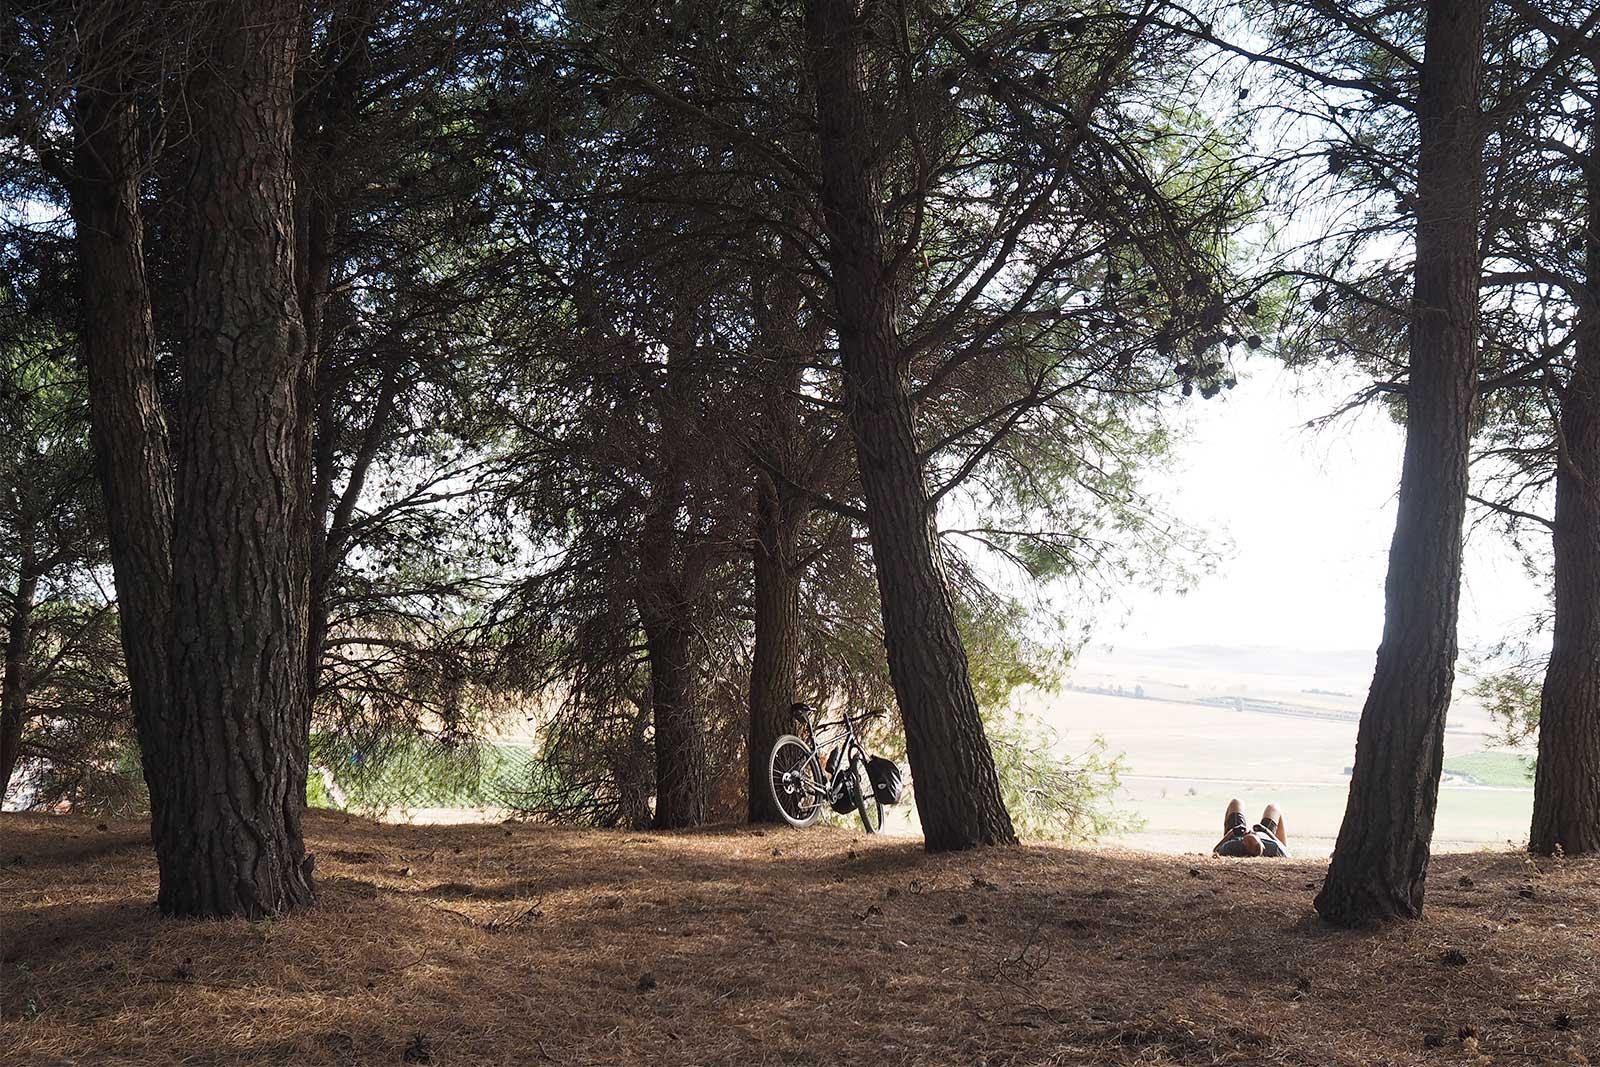 pinares-siesta-pinedes-valladolid-caminos-bici-octubre-yoniquenews